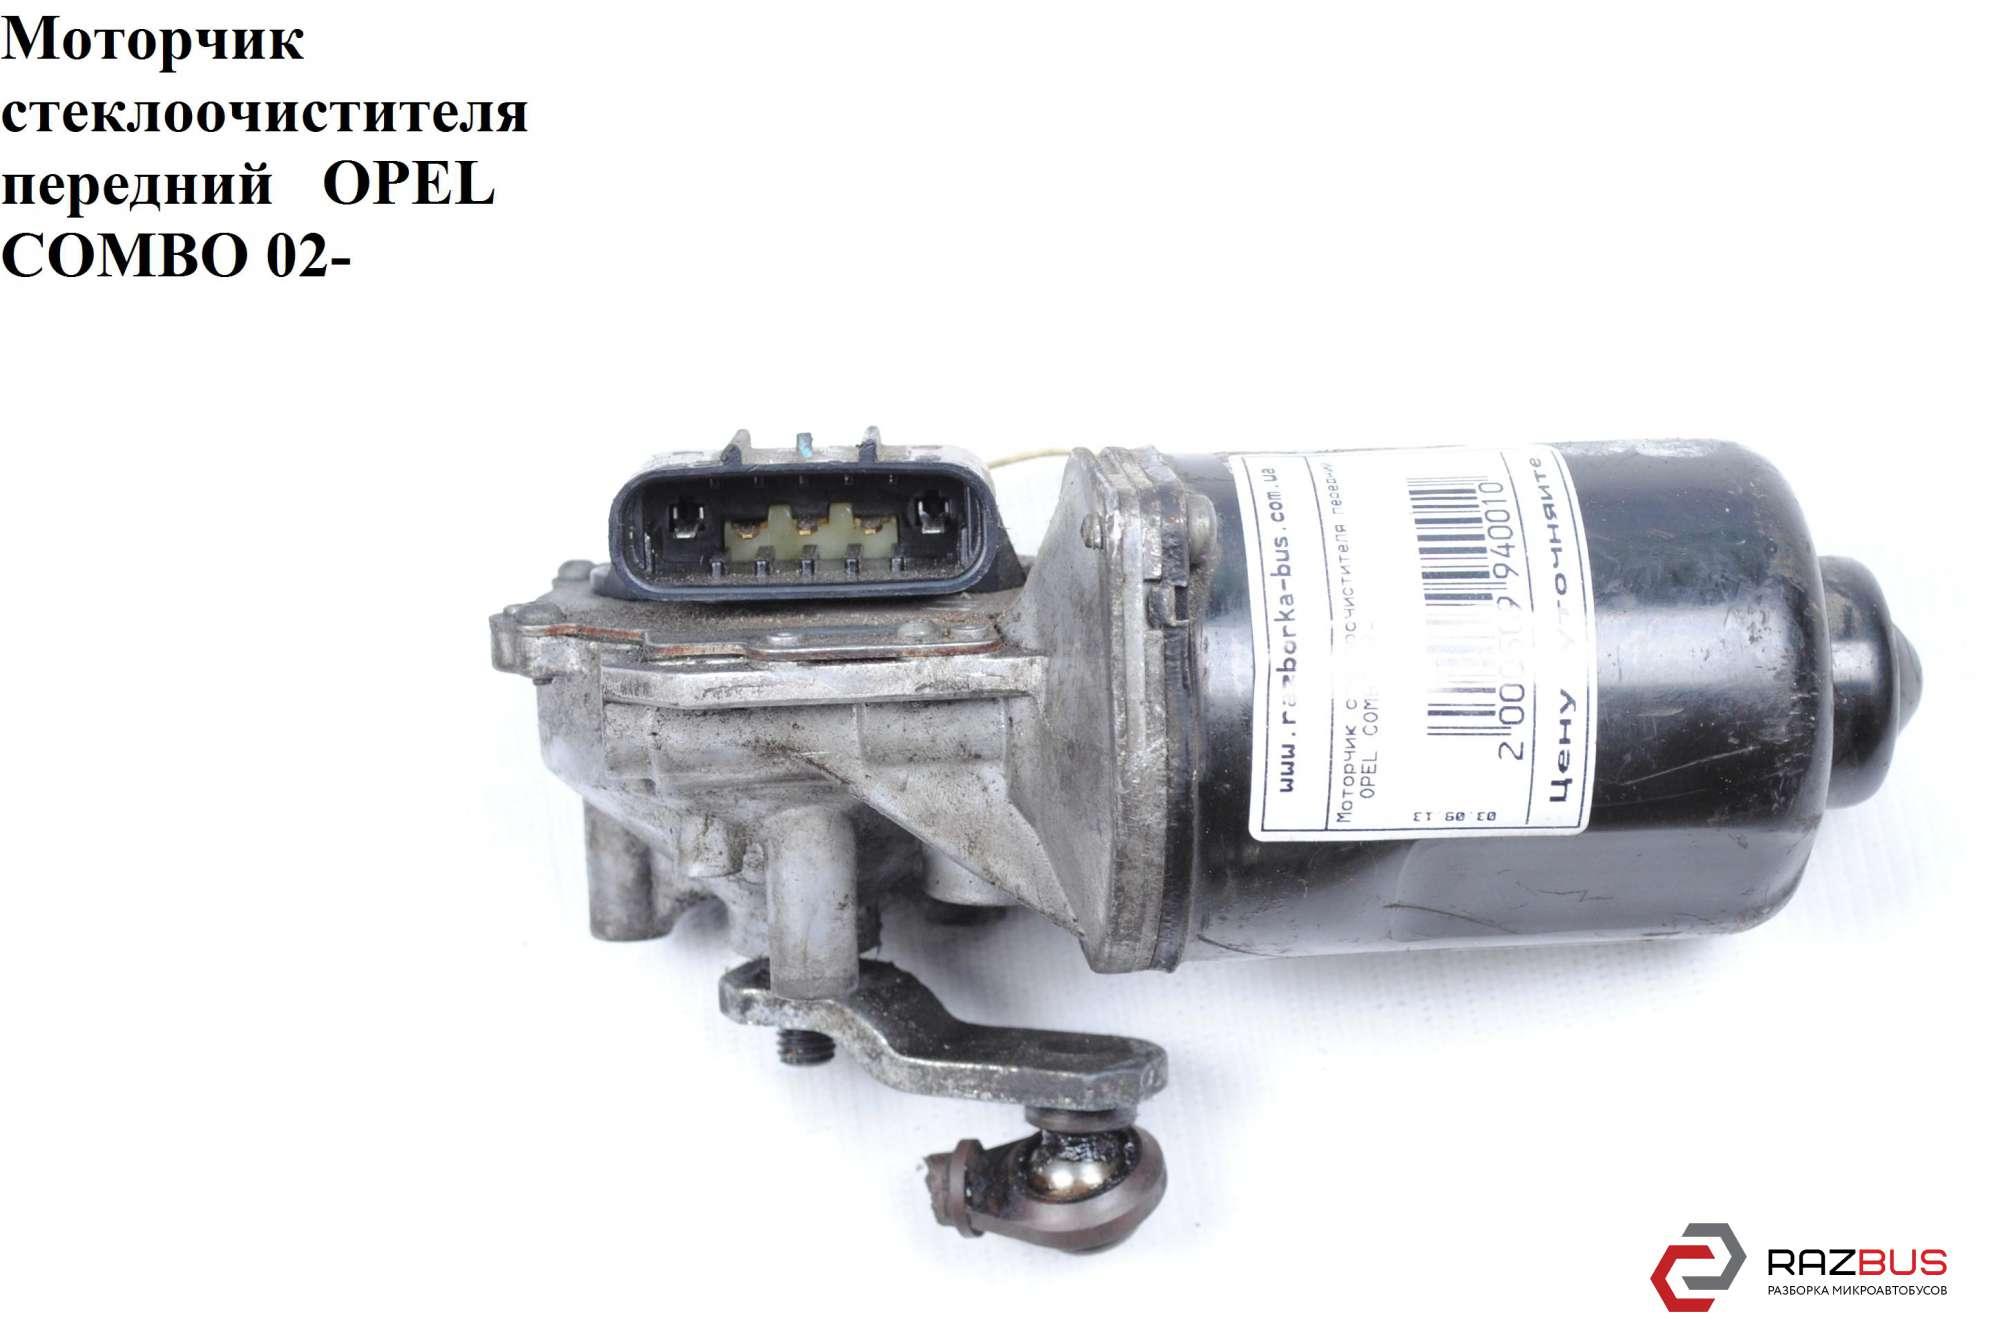 09225616, 1270000, 23001902, 91498232 Моторчик стеклоочистителя передний OPEL COMBO 2001-2011г